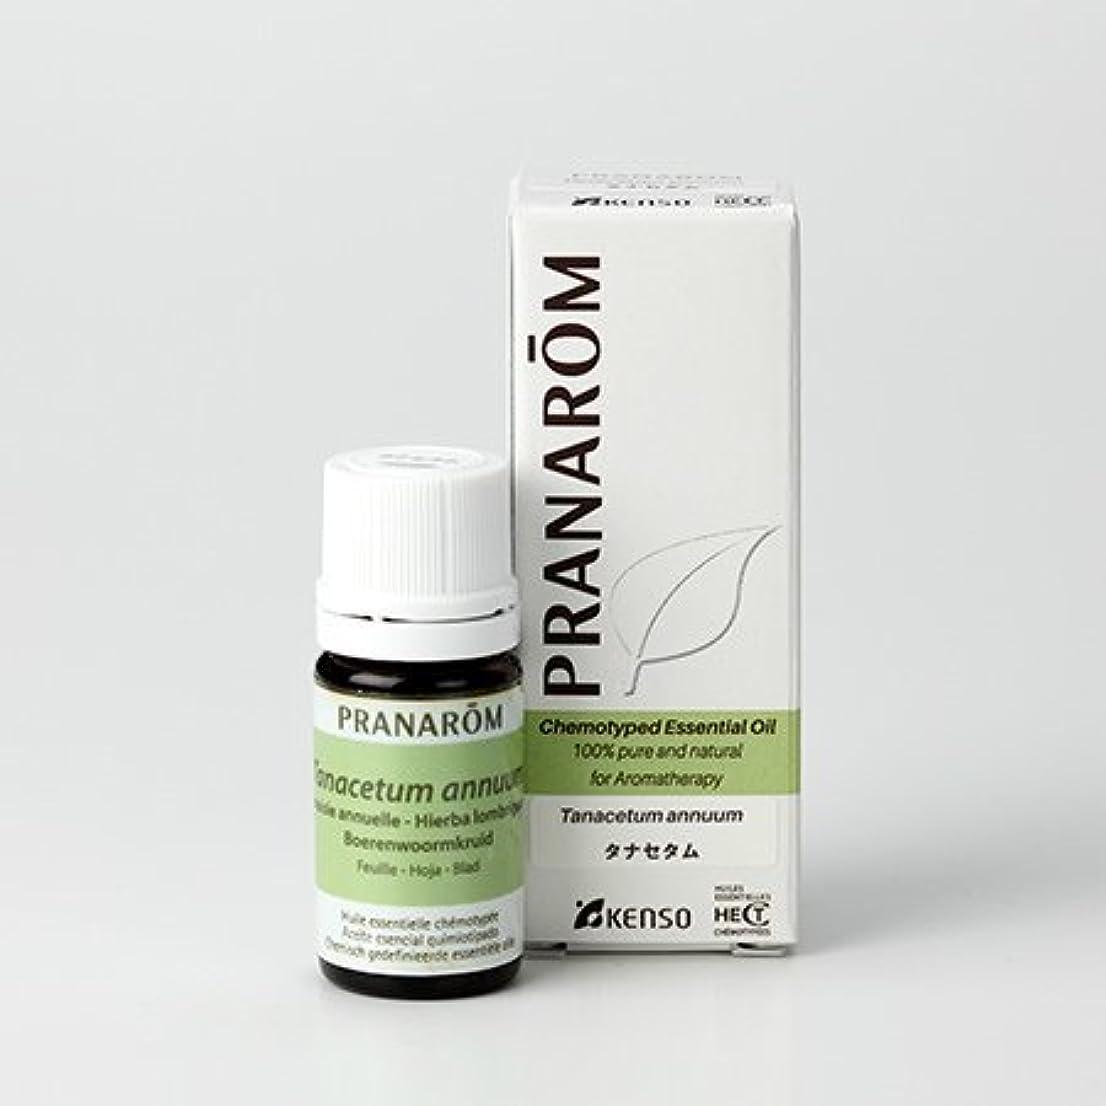 情熱的落ち着く富【タナセタム 5ml】→甘みのある、濃厚でフルーティな香り?(リラックスハーブ系)[PRANAROM(プラナロム)精油/アロマオイル/エッセンシャルオイル]P-173